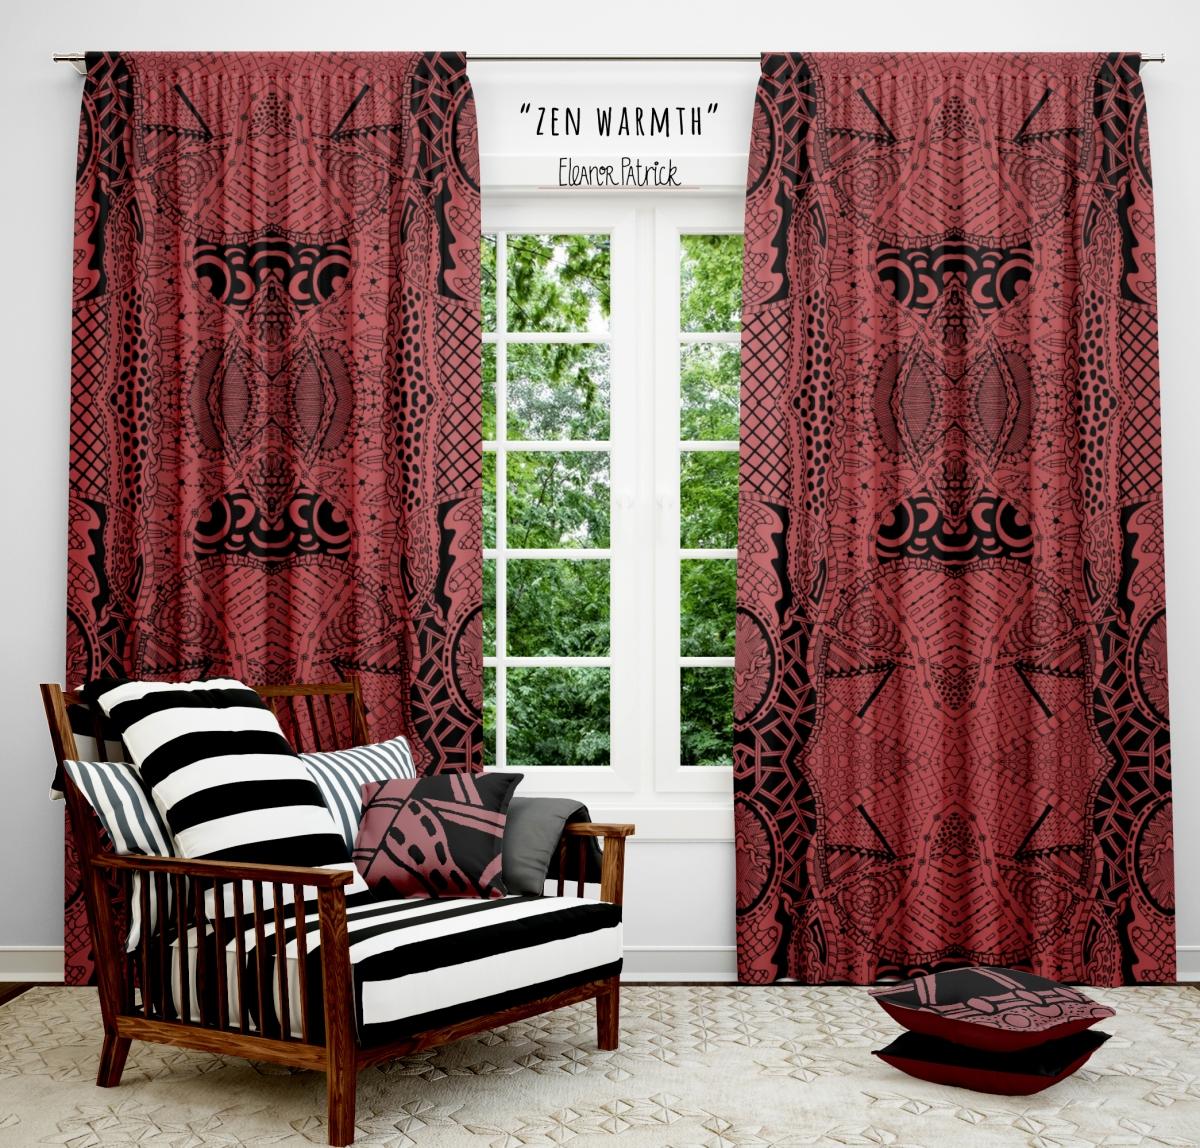 zen warmth curtains